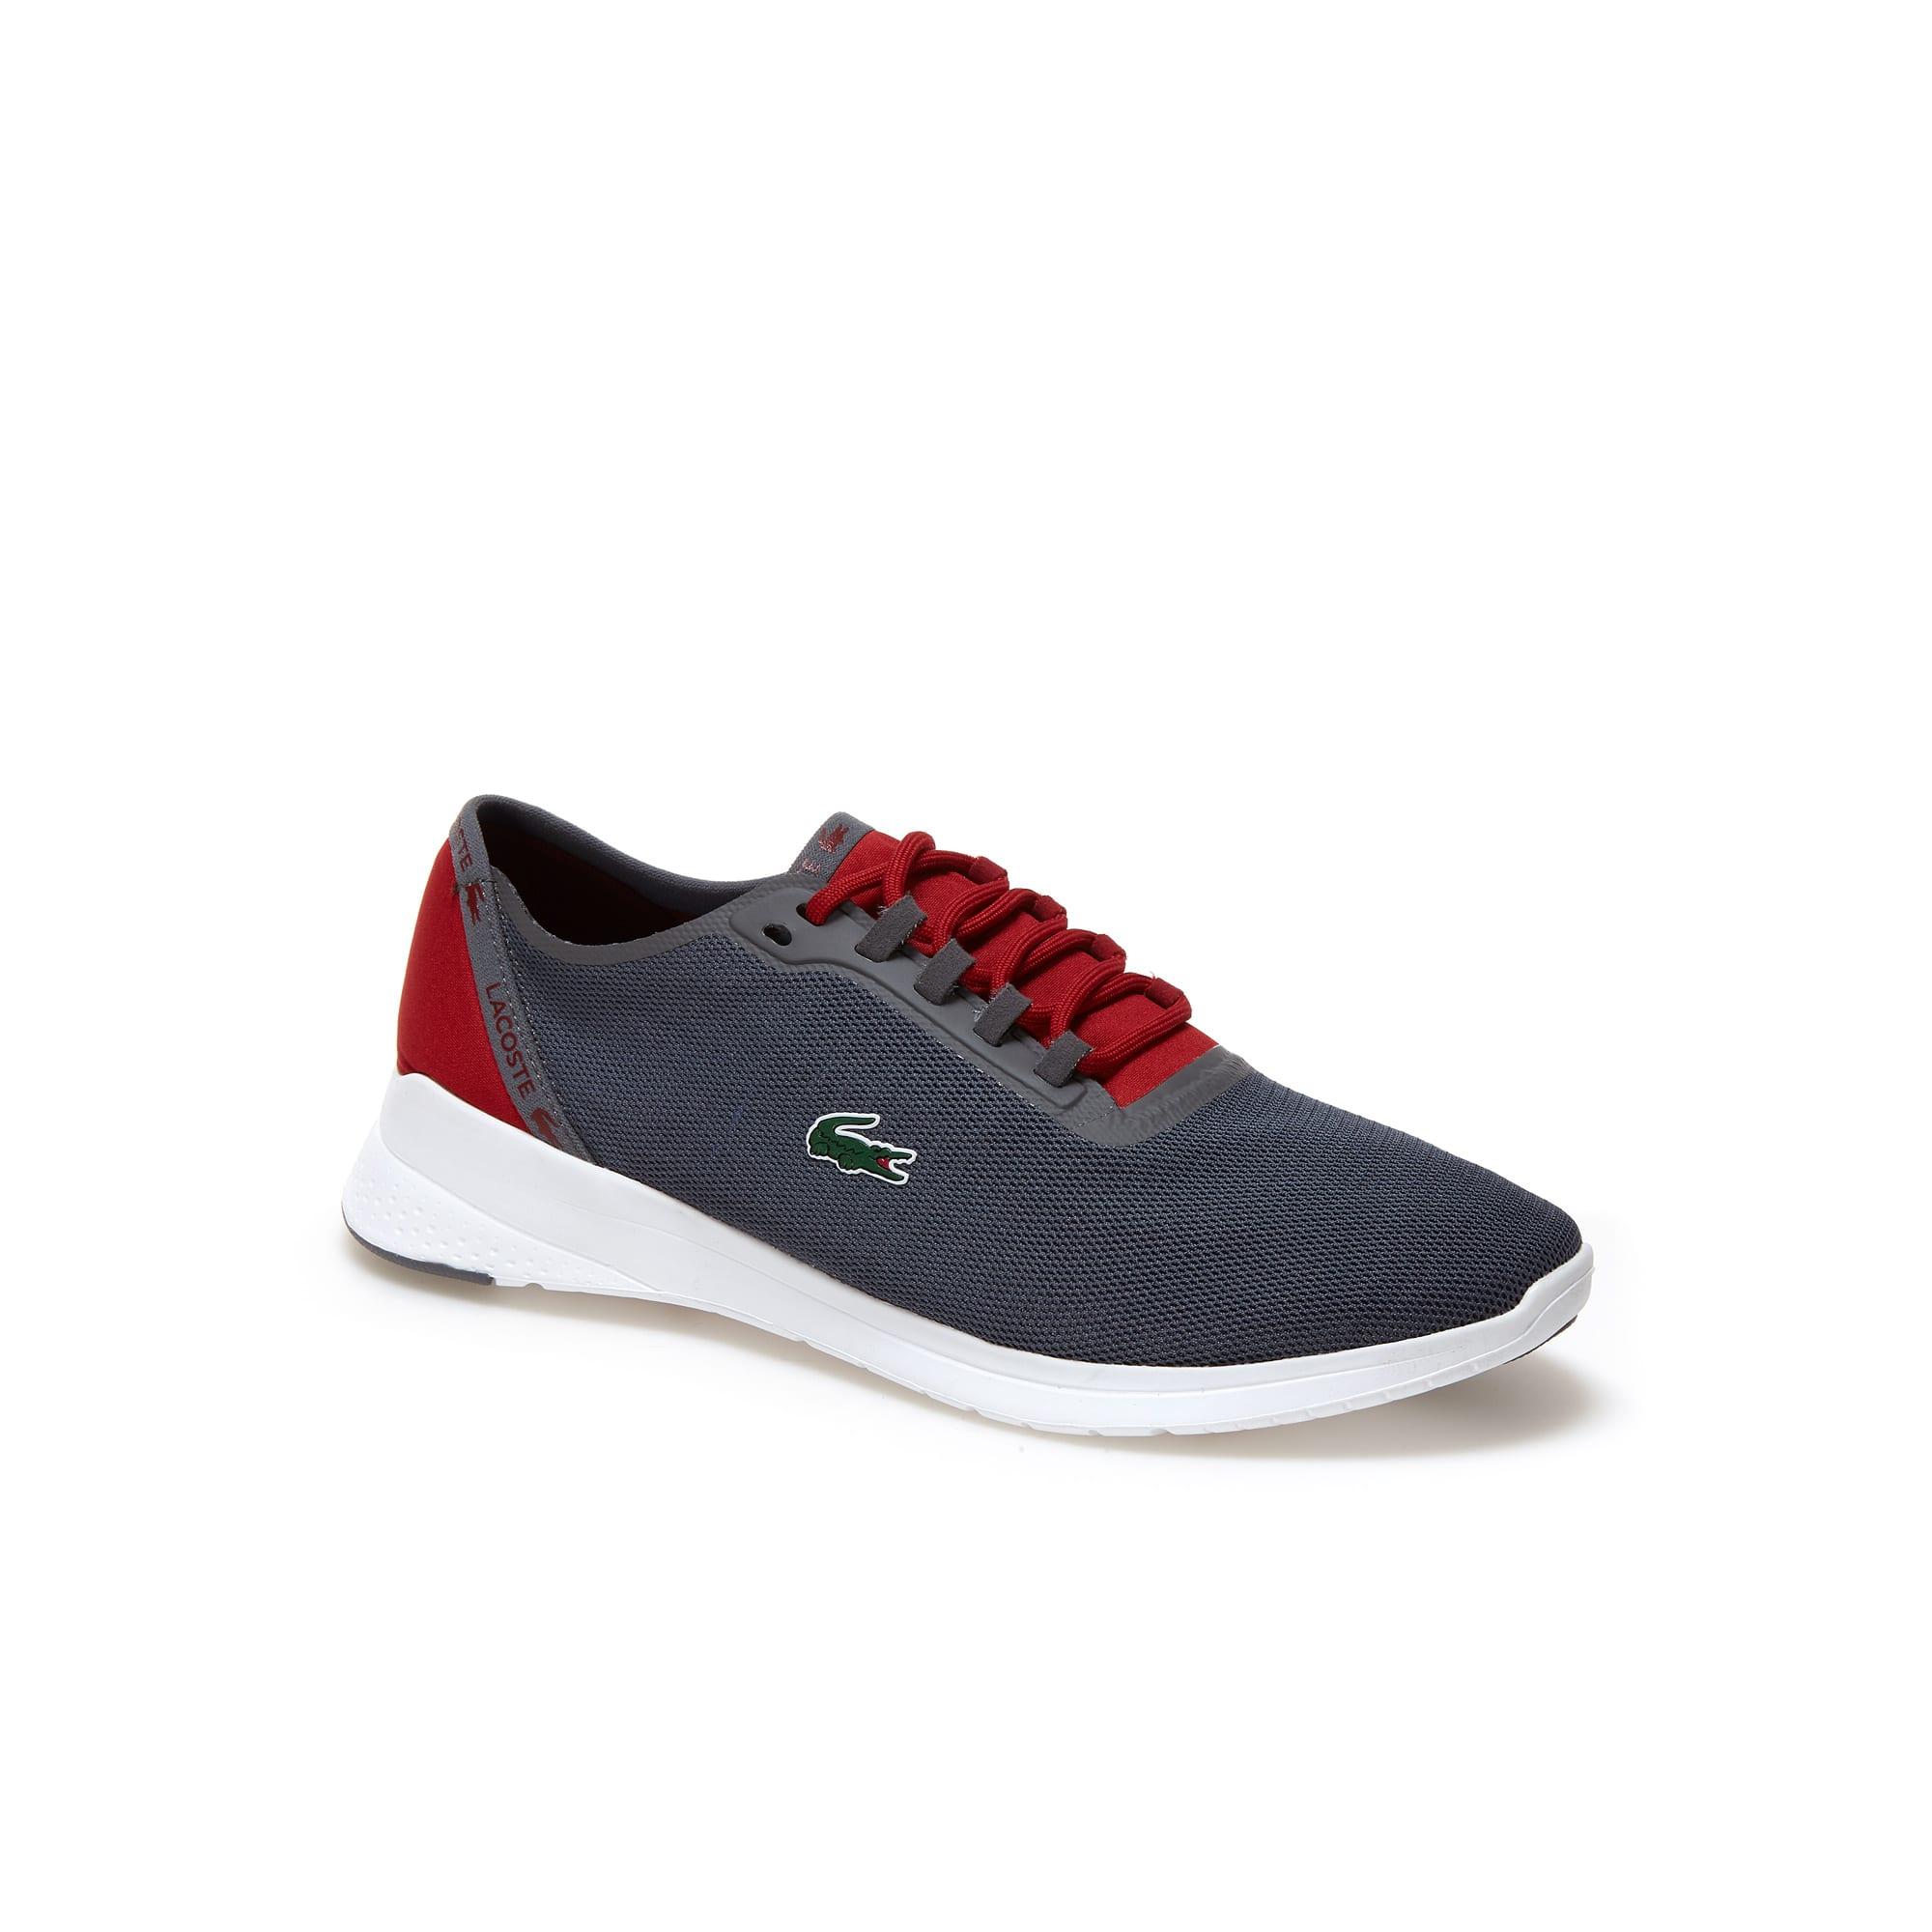 Sneakers LT Fit in tessuto e fine rete tecnica